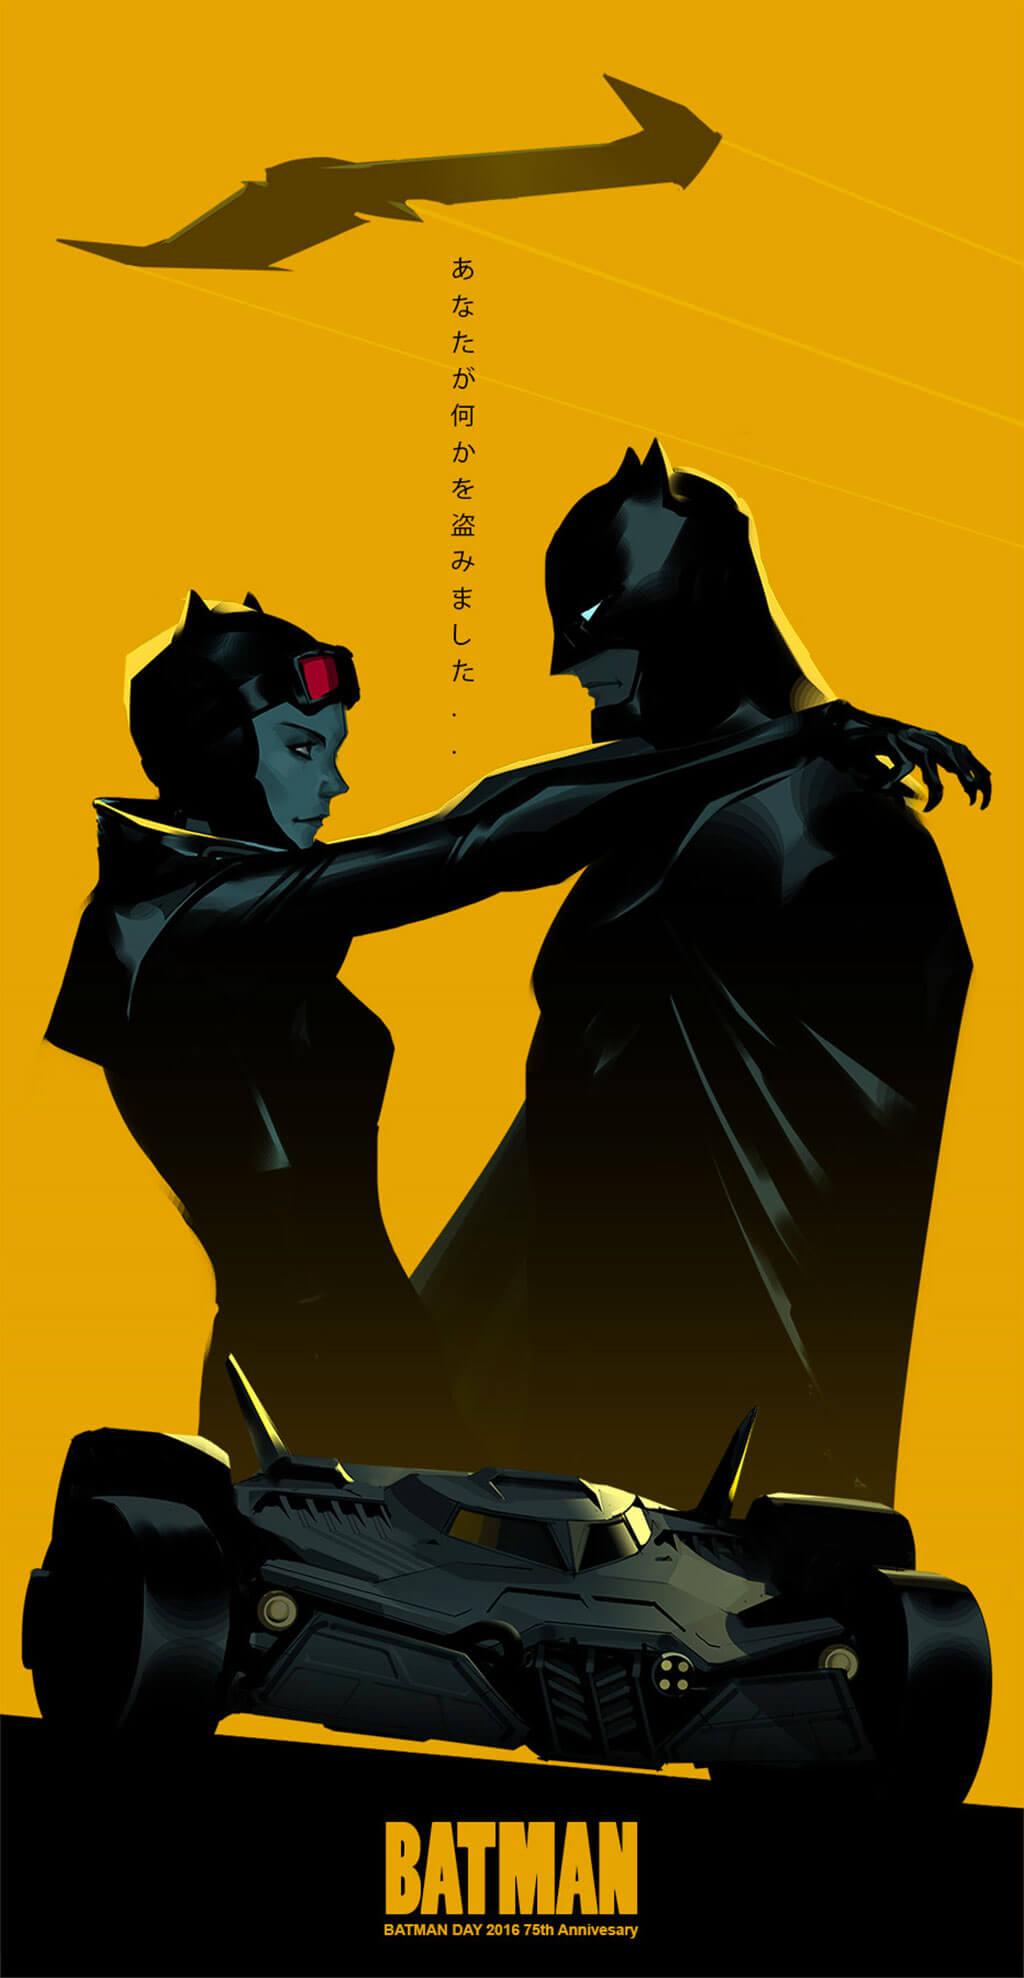 Batman Fan Art by Hoi Mun